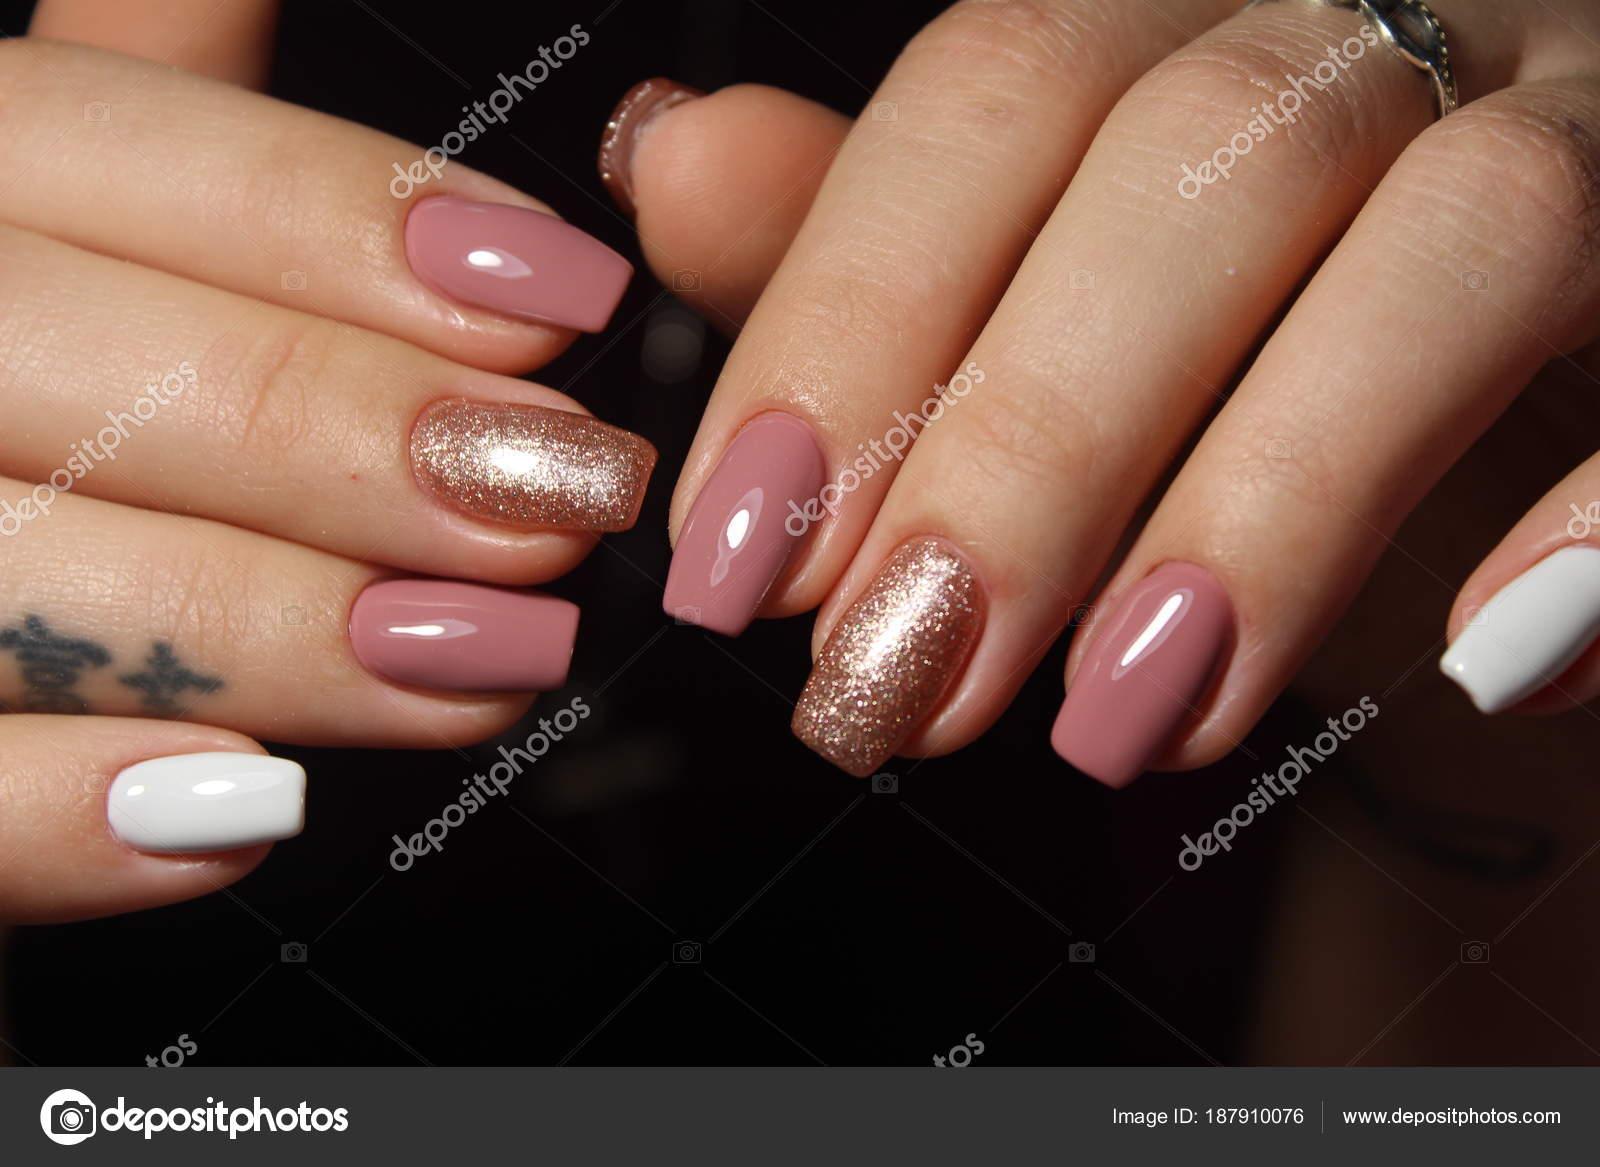 Fashion Nails Design Manicure Stock Photo Smirmaxstock